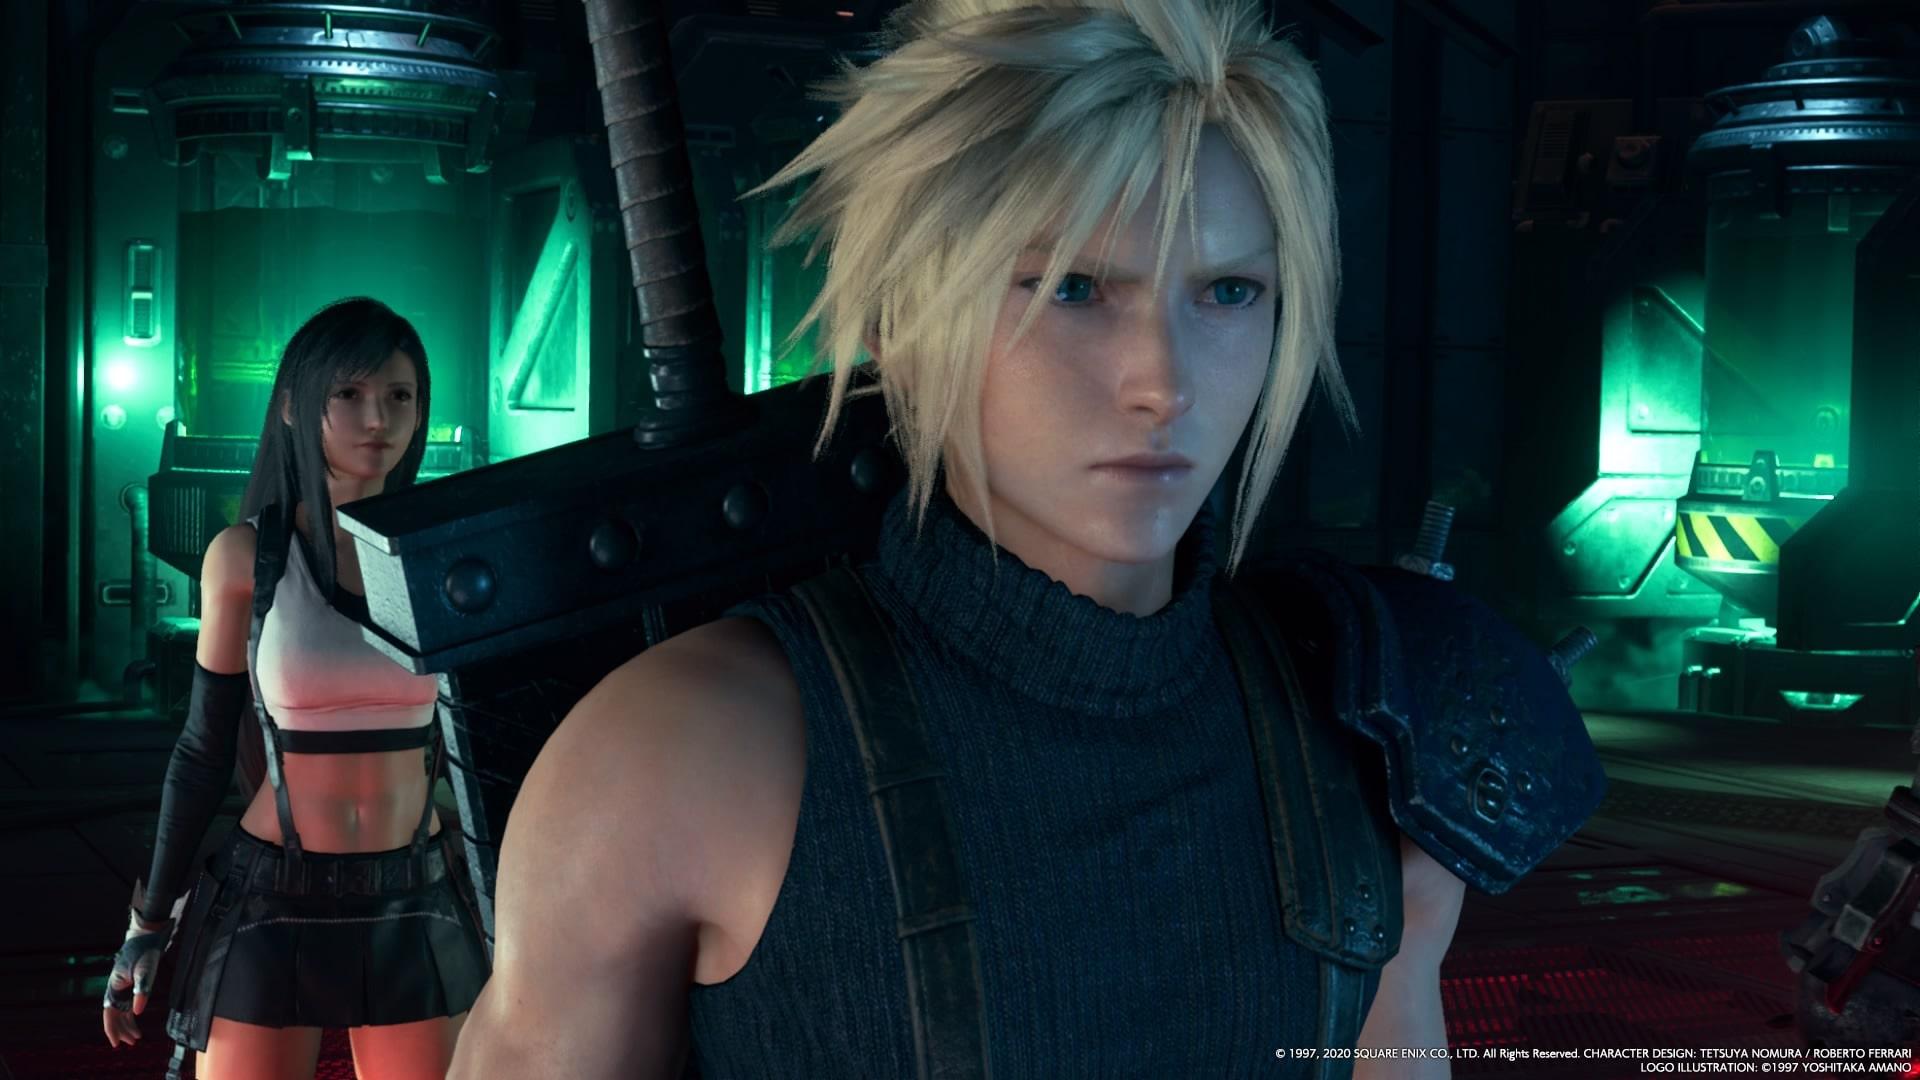 FINAL FANTASY VII REMAKE 20200420185240 min - Final Fantasy VII Remake - Guida alla build per la modalità difficile